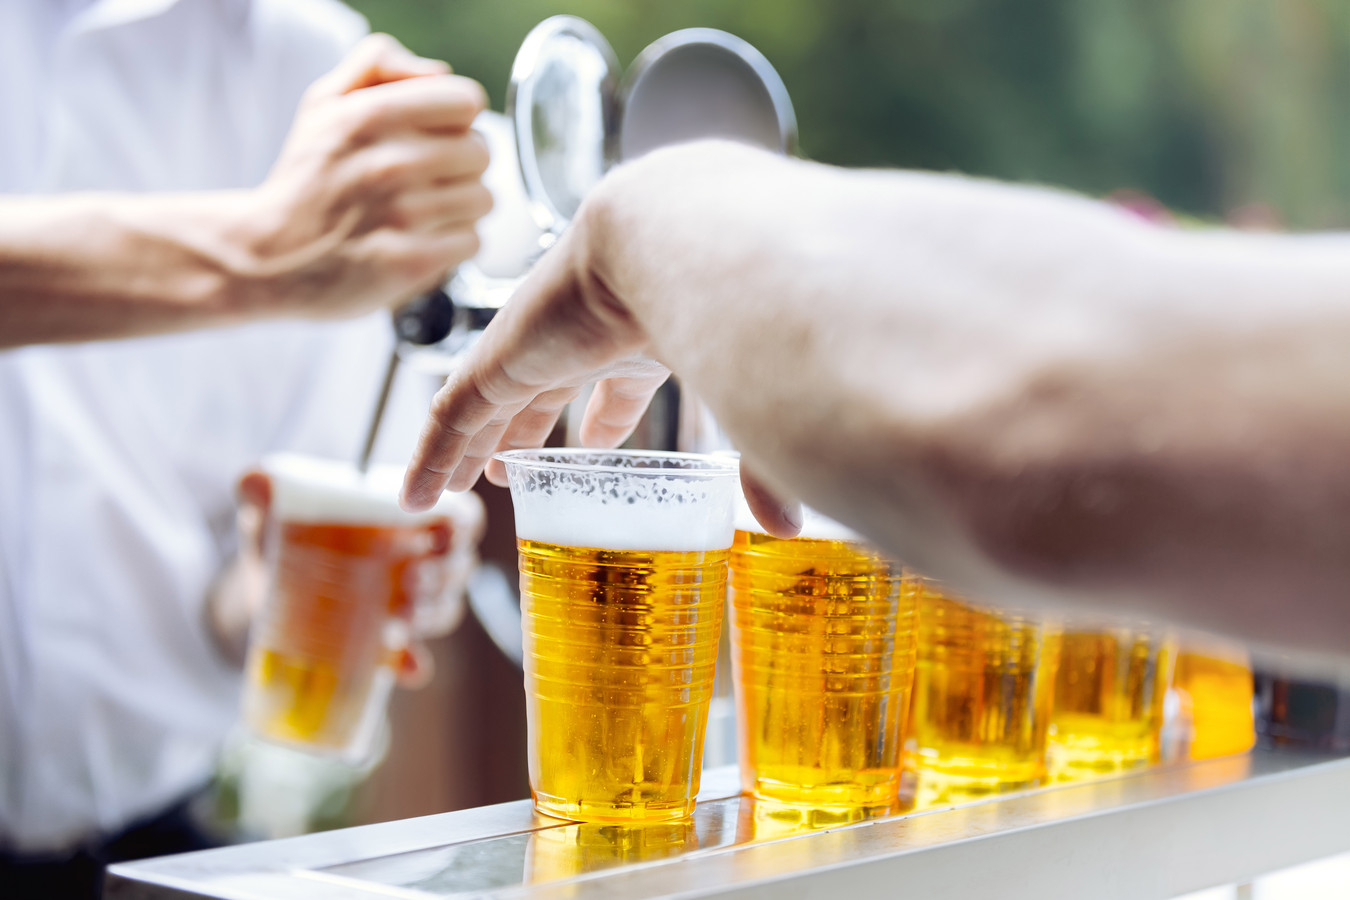 Bier in plastic beker - bekers